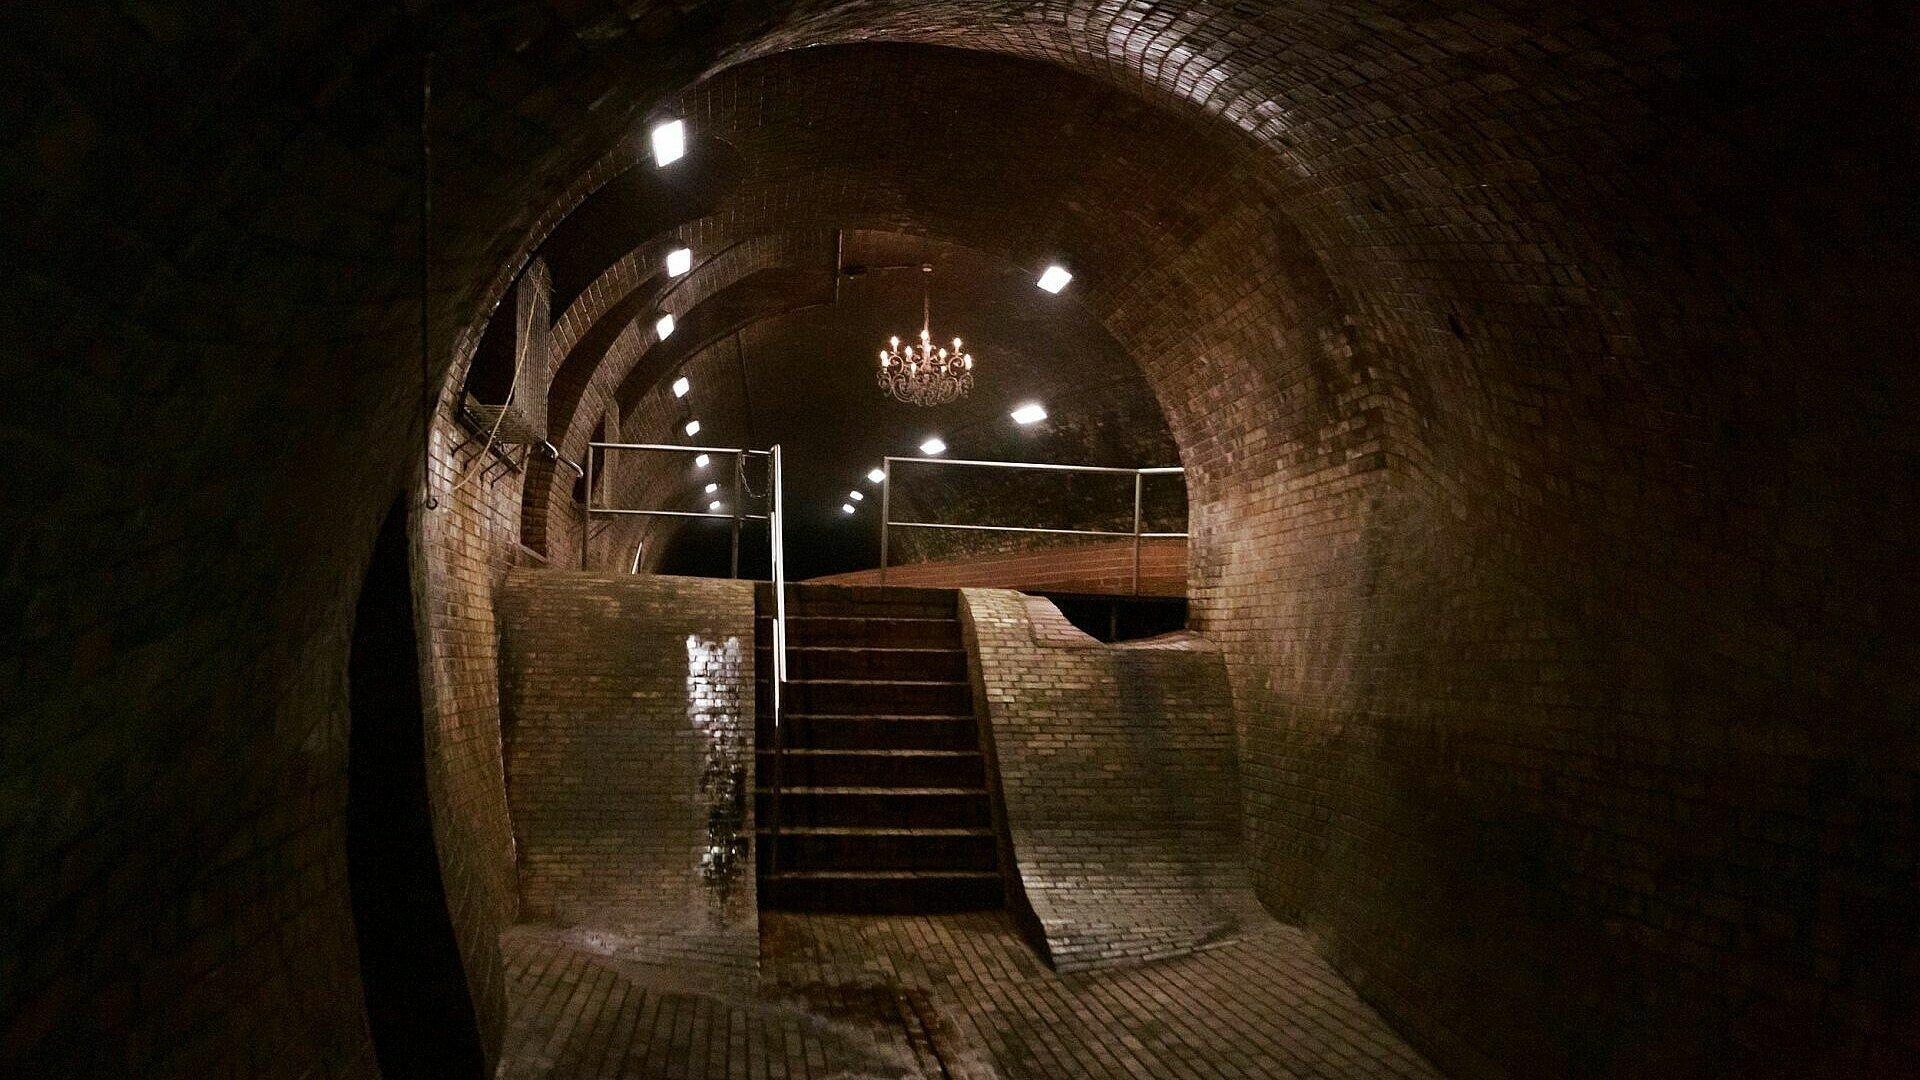 Blick auf eine Treppe zum Kronleuchtersaal in der Kanalisation